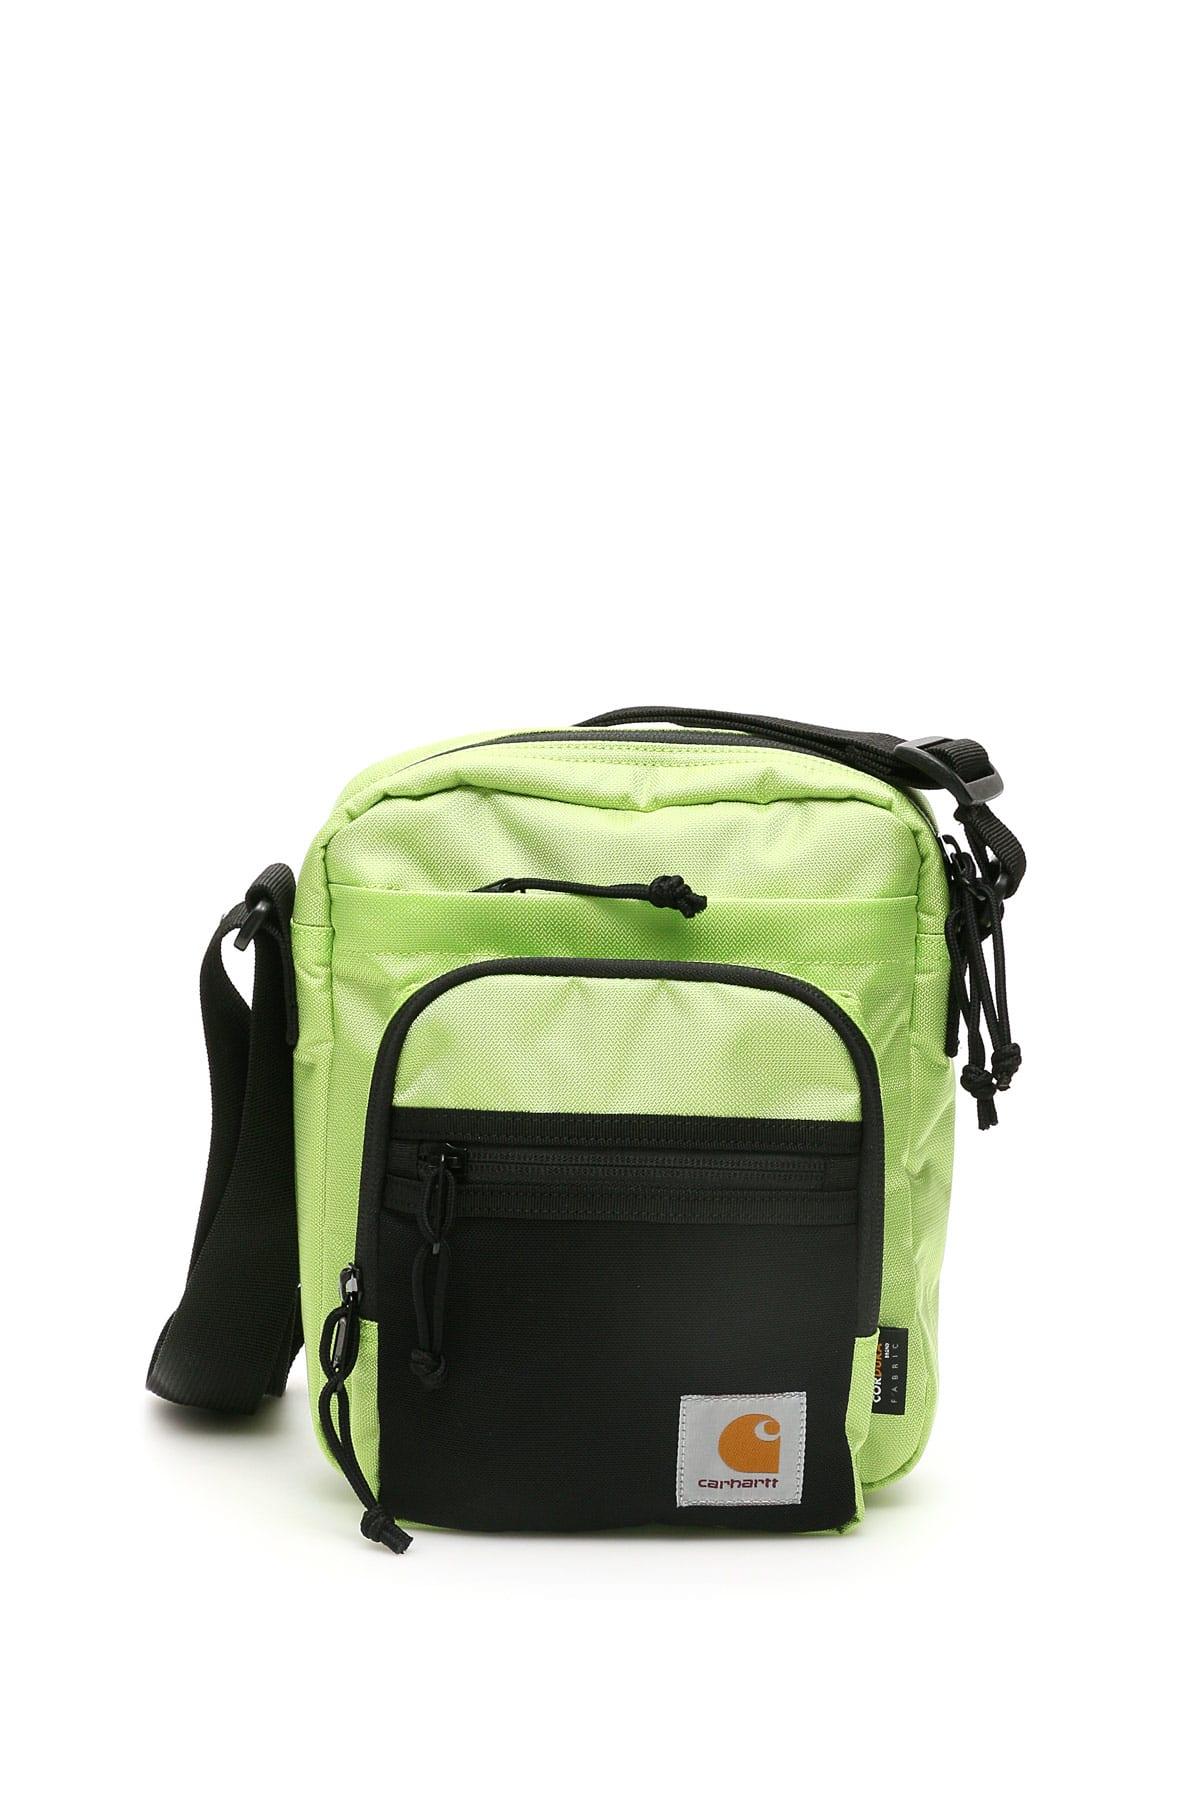 Carhartt Delta Crossbody Bag